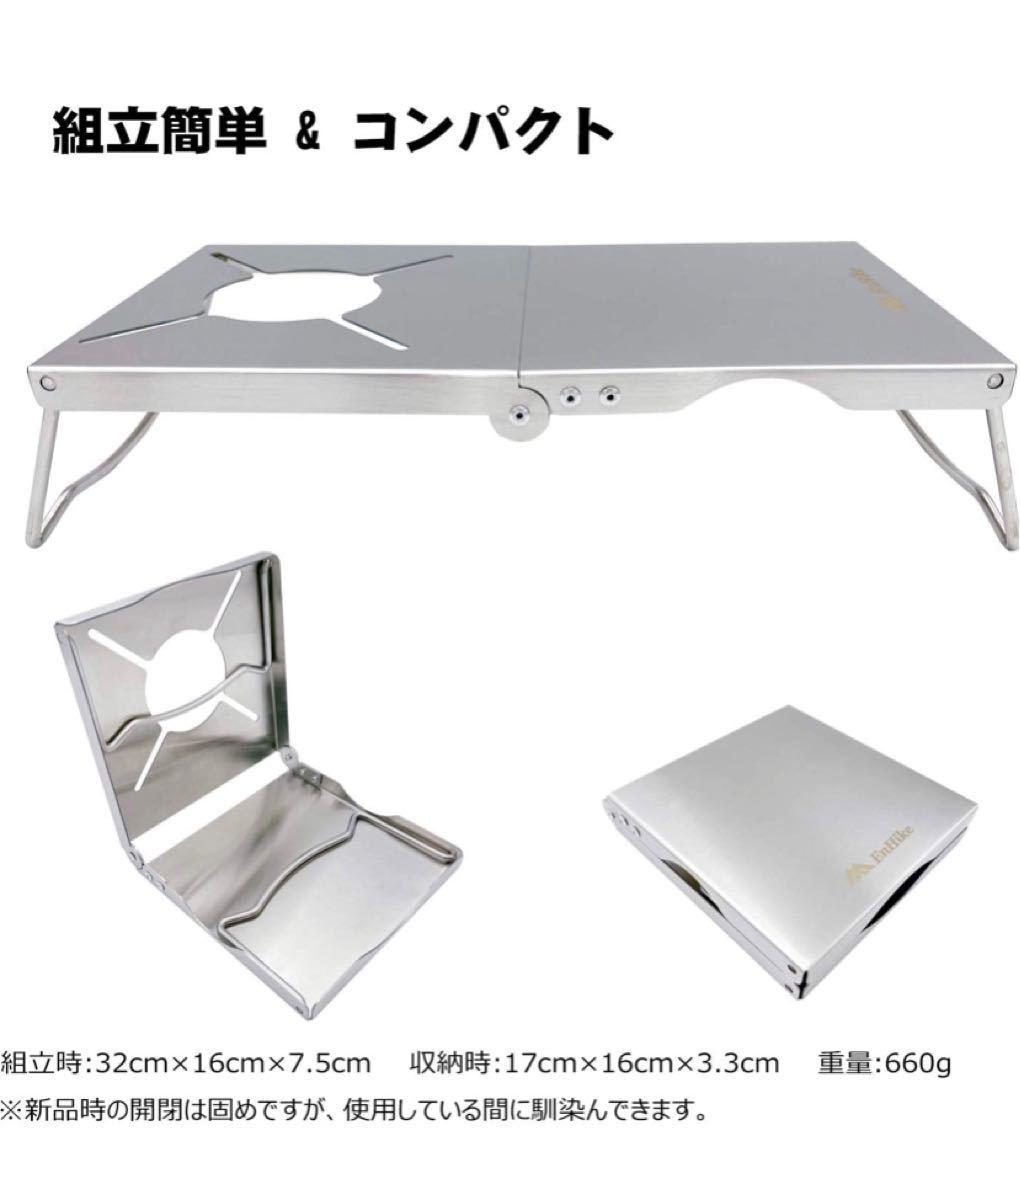 各種シングルバーナー専用 遮熱テーブル